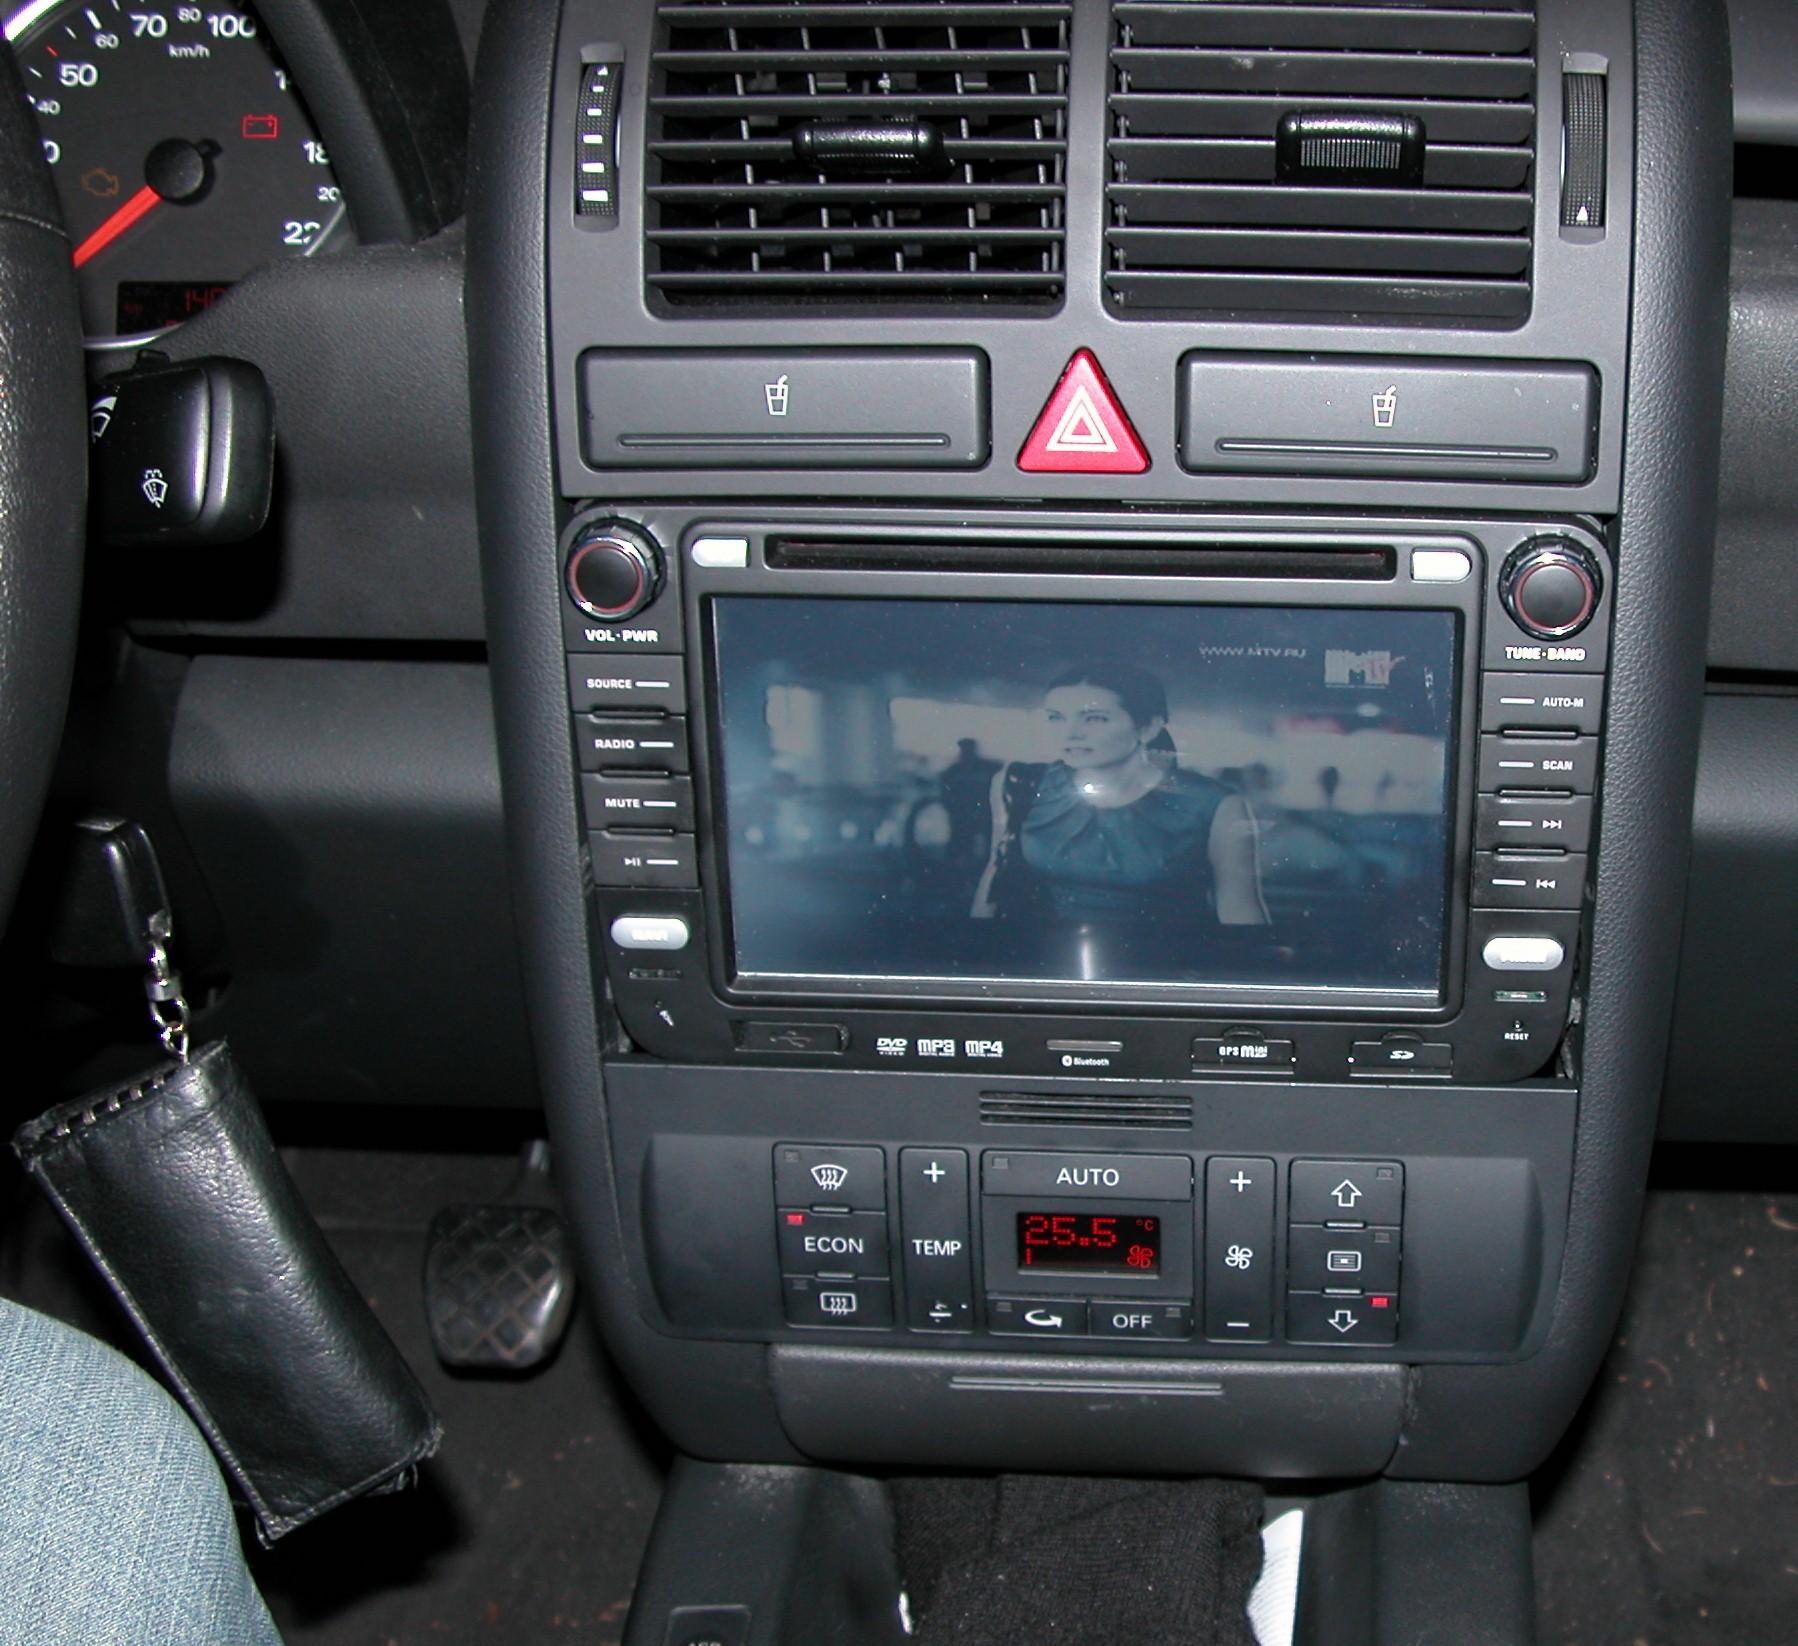 navigationsystem 2 din radio in audi a2 hifi. Black Bedroom Furniture Sets. Home Design Ideas